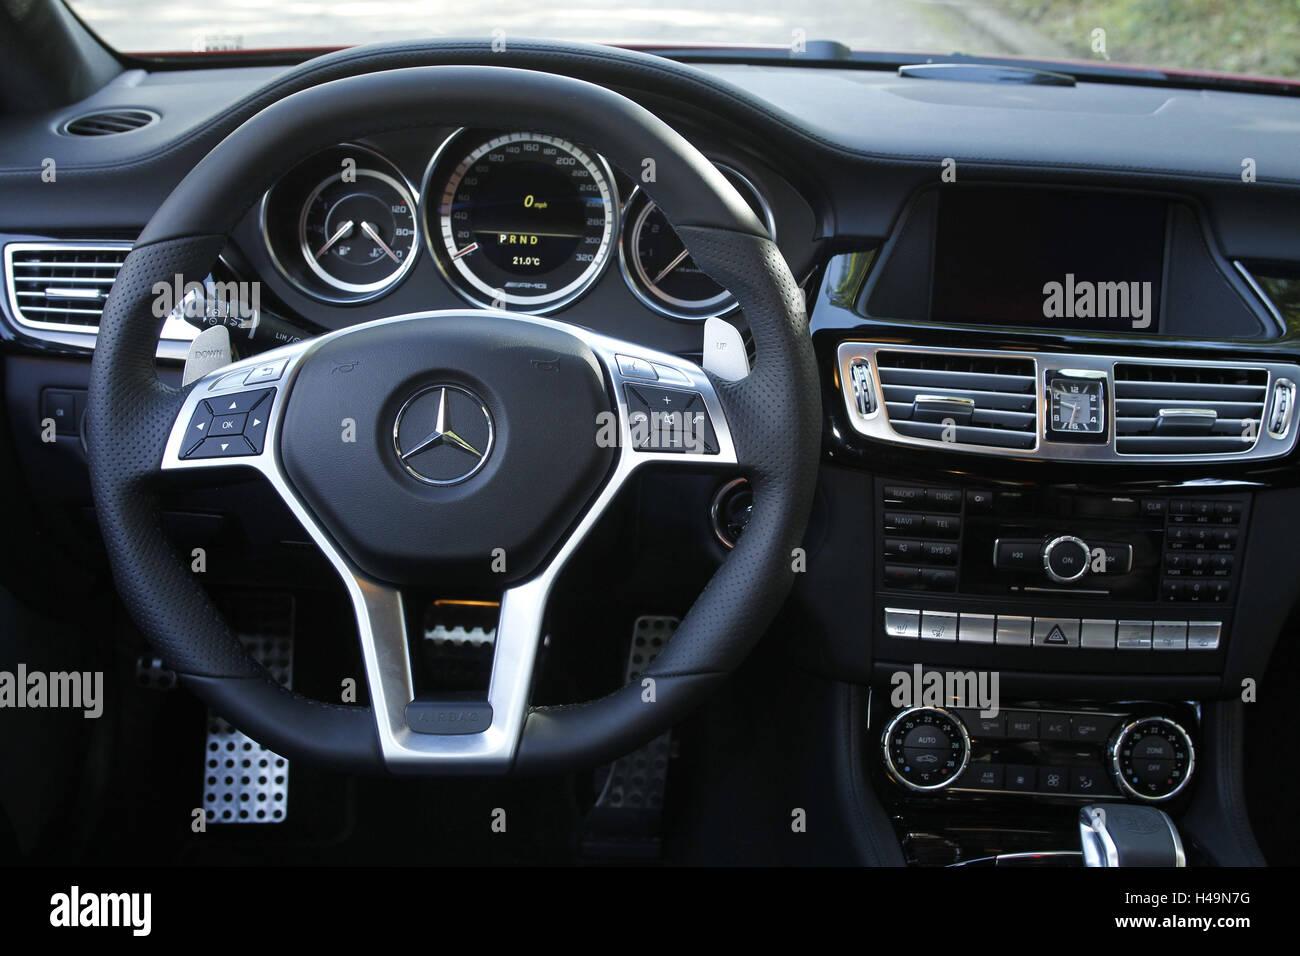 Armaturen, Auto, Mercedes CLS 63 AMG, Interieur, Steuer Stockfoto ...